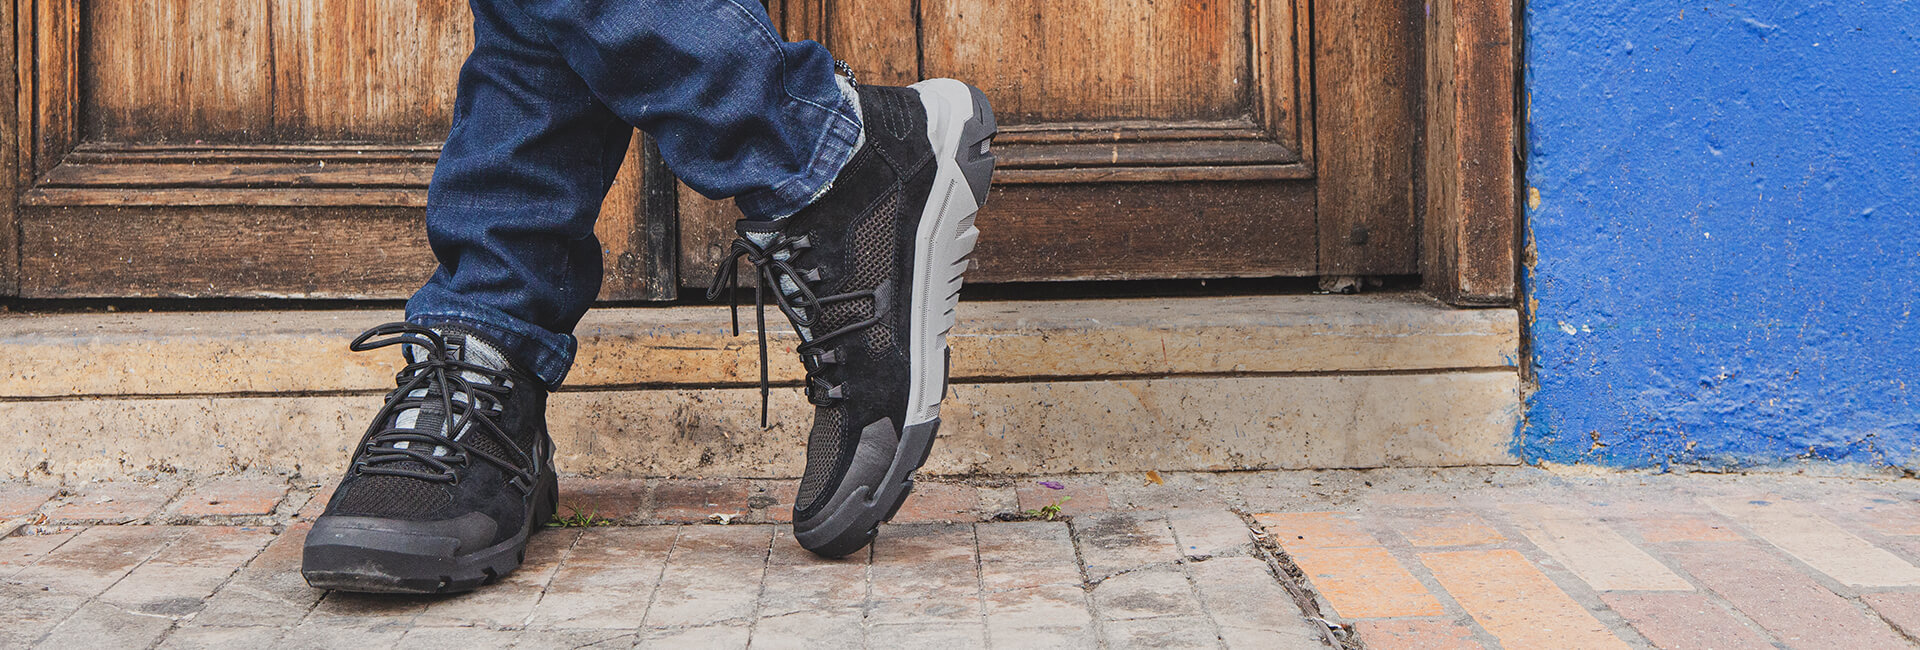 a703f34dcd5 Caterpillar Work Boots - Comfortable Work Shoes   Cat Footwear